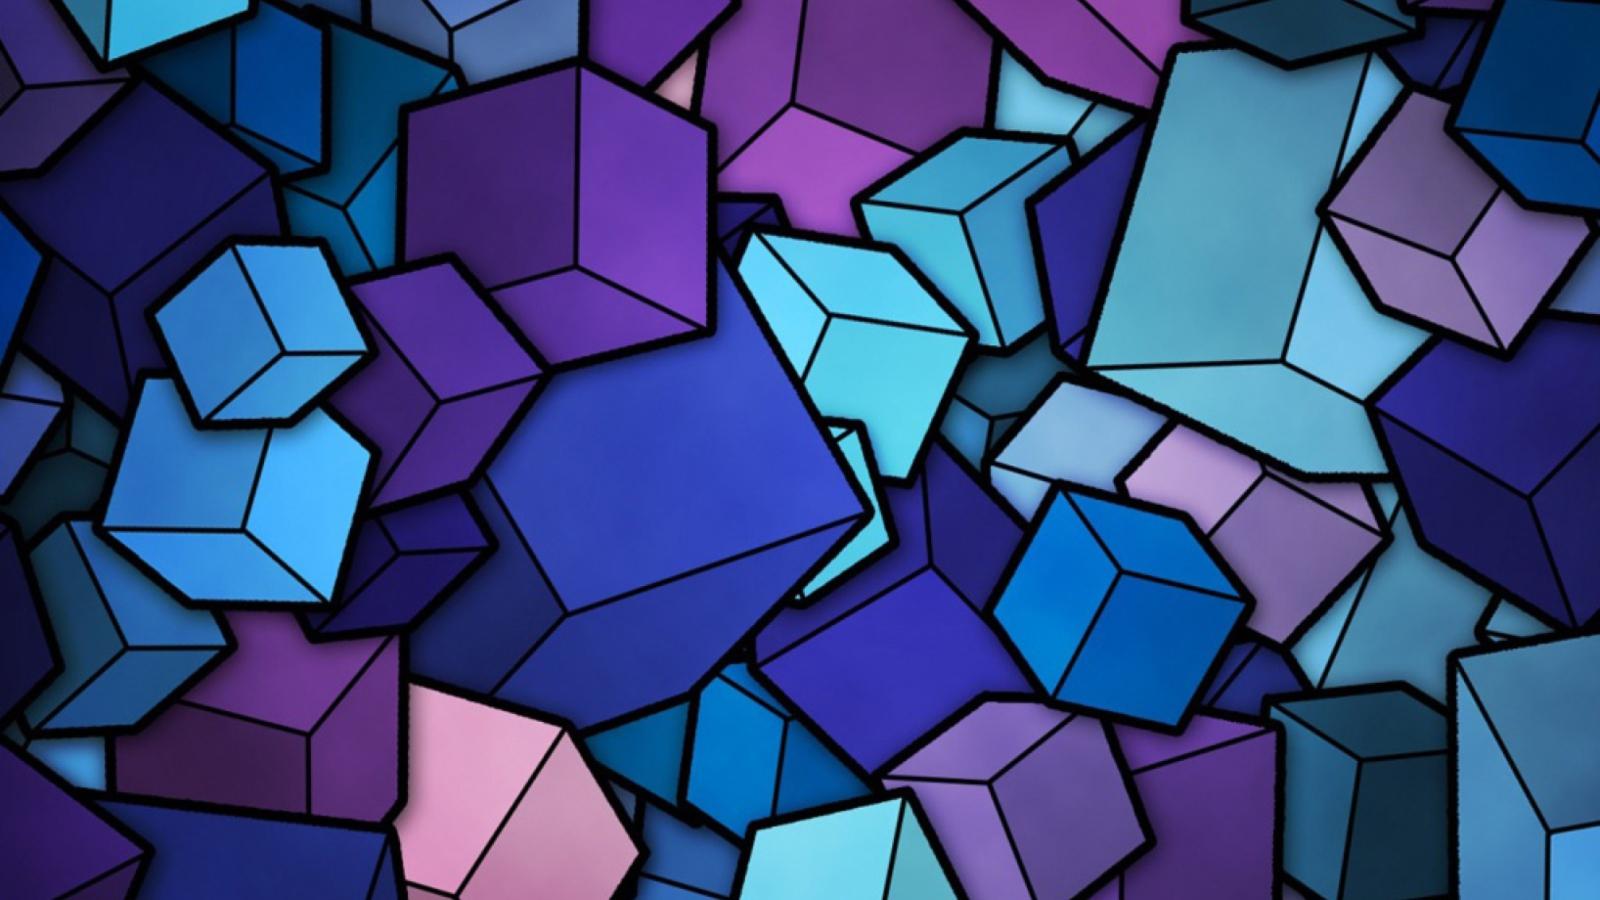 Кубики  № 2315789 загрузить